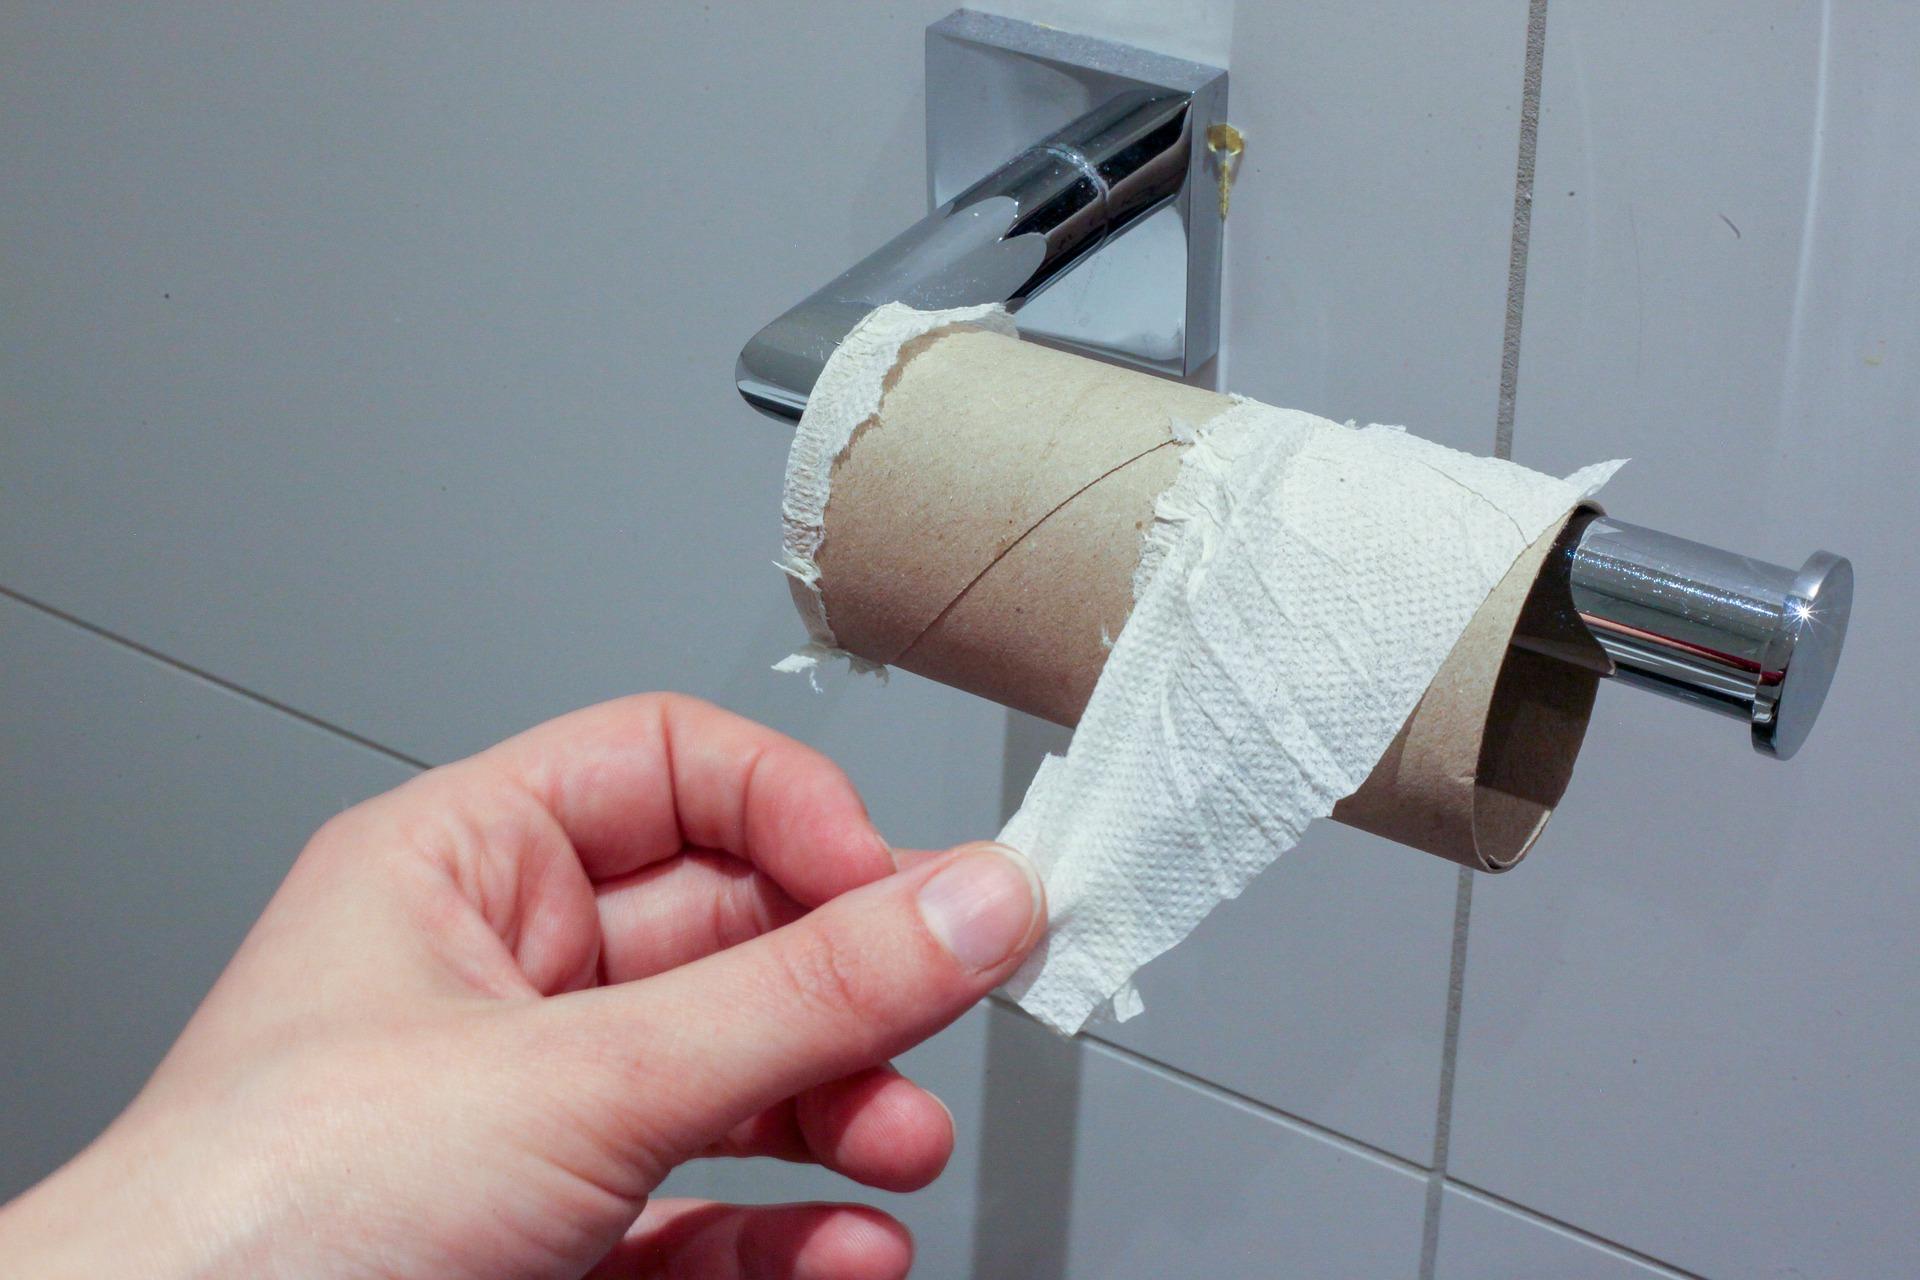 giấy vệ sinh là mặt hàng thiết yếu đối với cuộc sống của con người